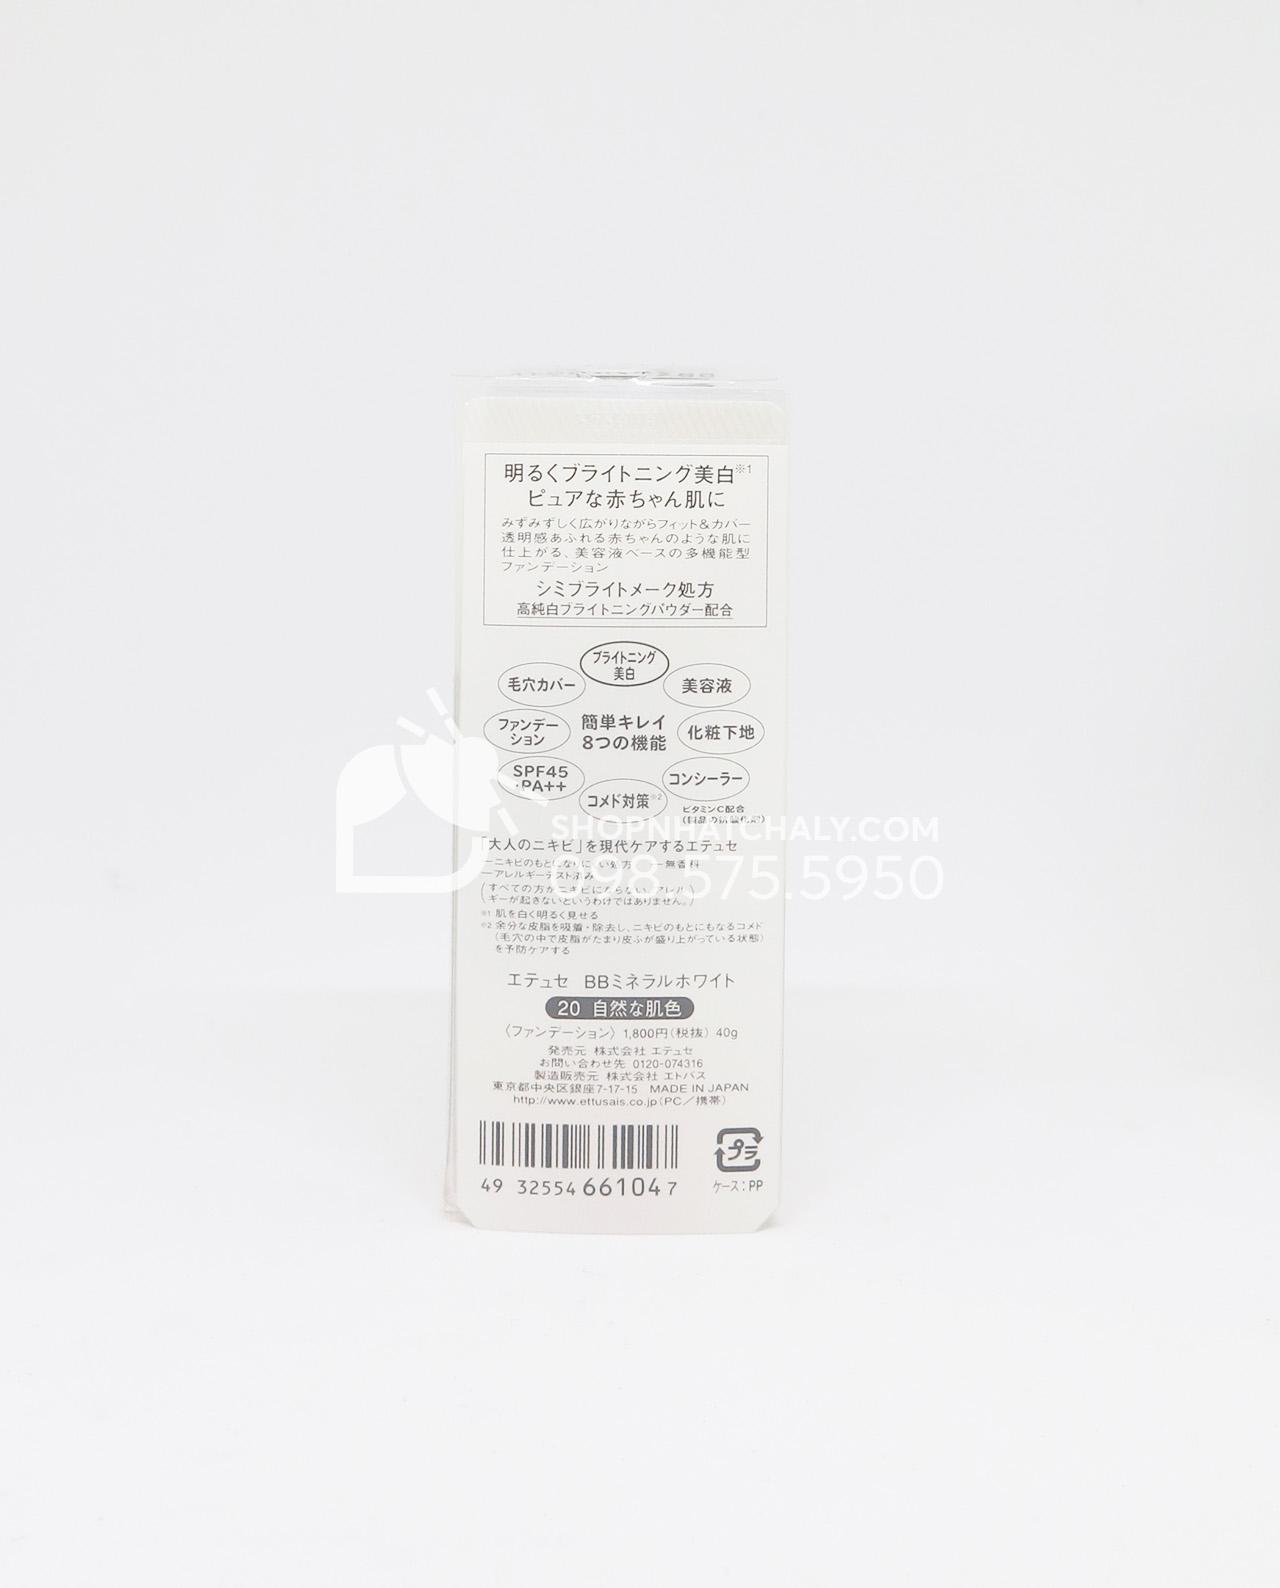 Kem nền BB Cream Ettusais Mineral 40g - thông tin sản phẩm